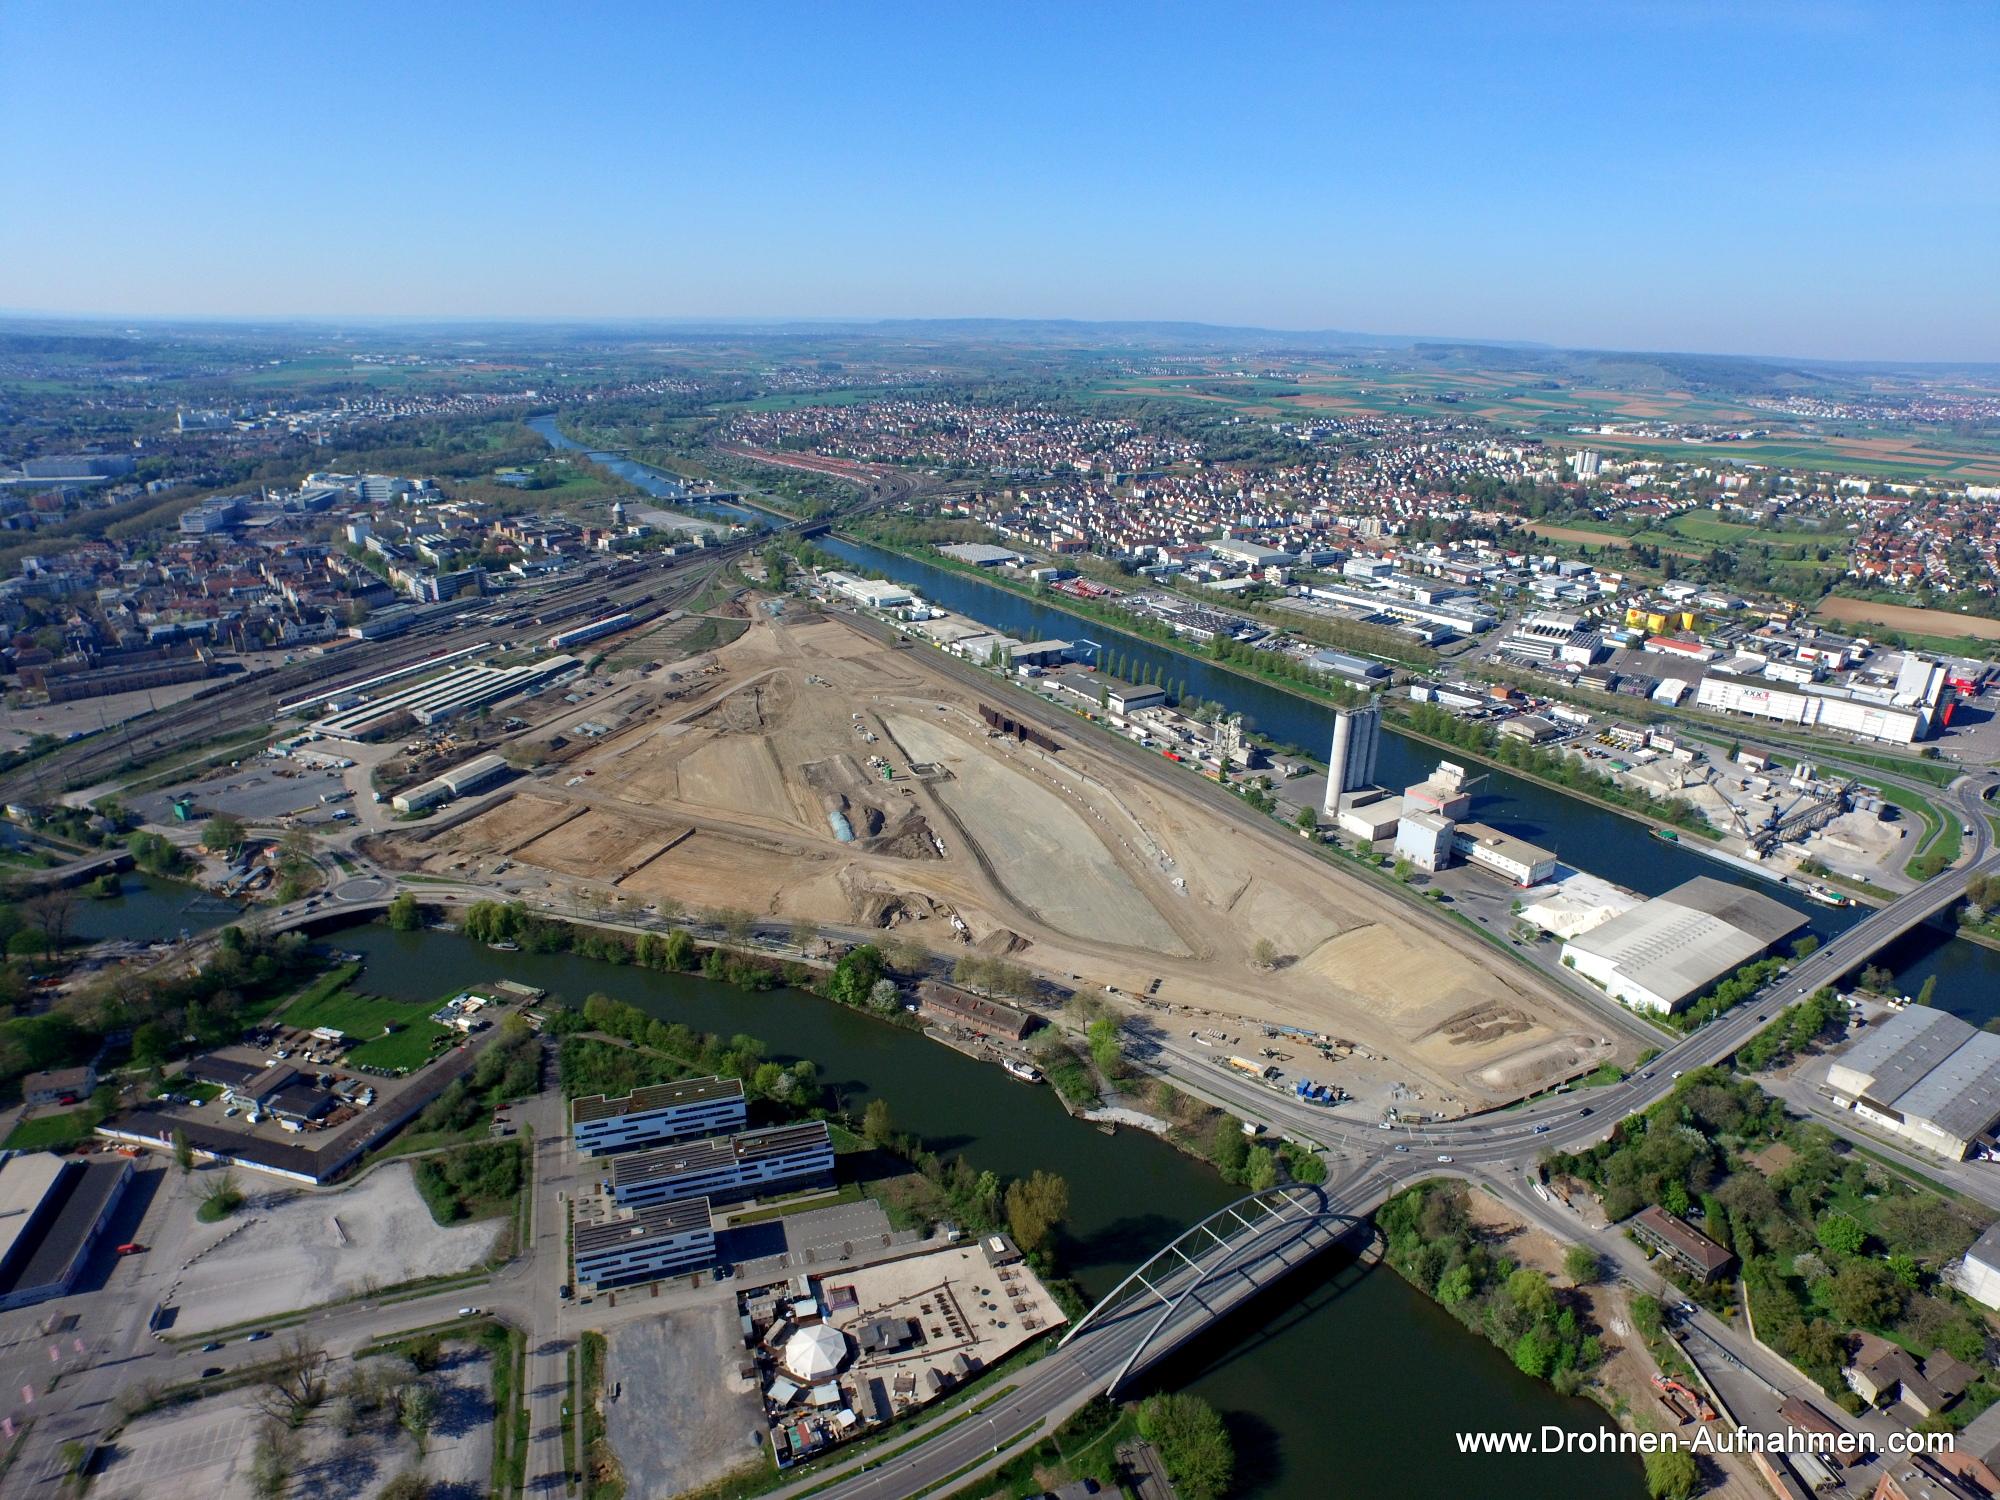 BUGA Heilbronn 2019 - Bundesgartenschau Luftaufnahme im Mai 2015